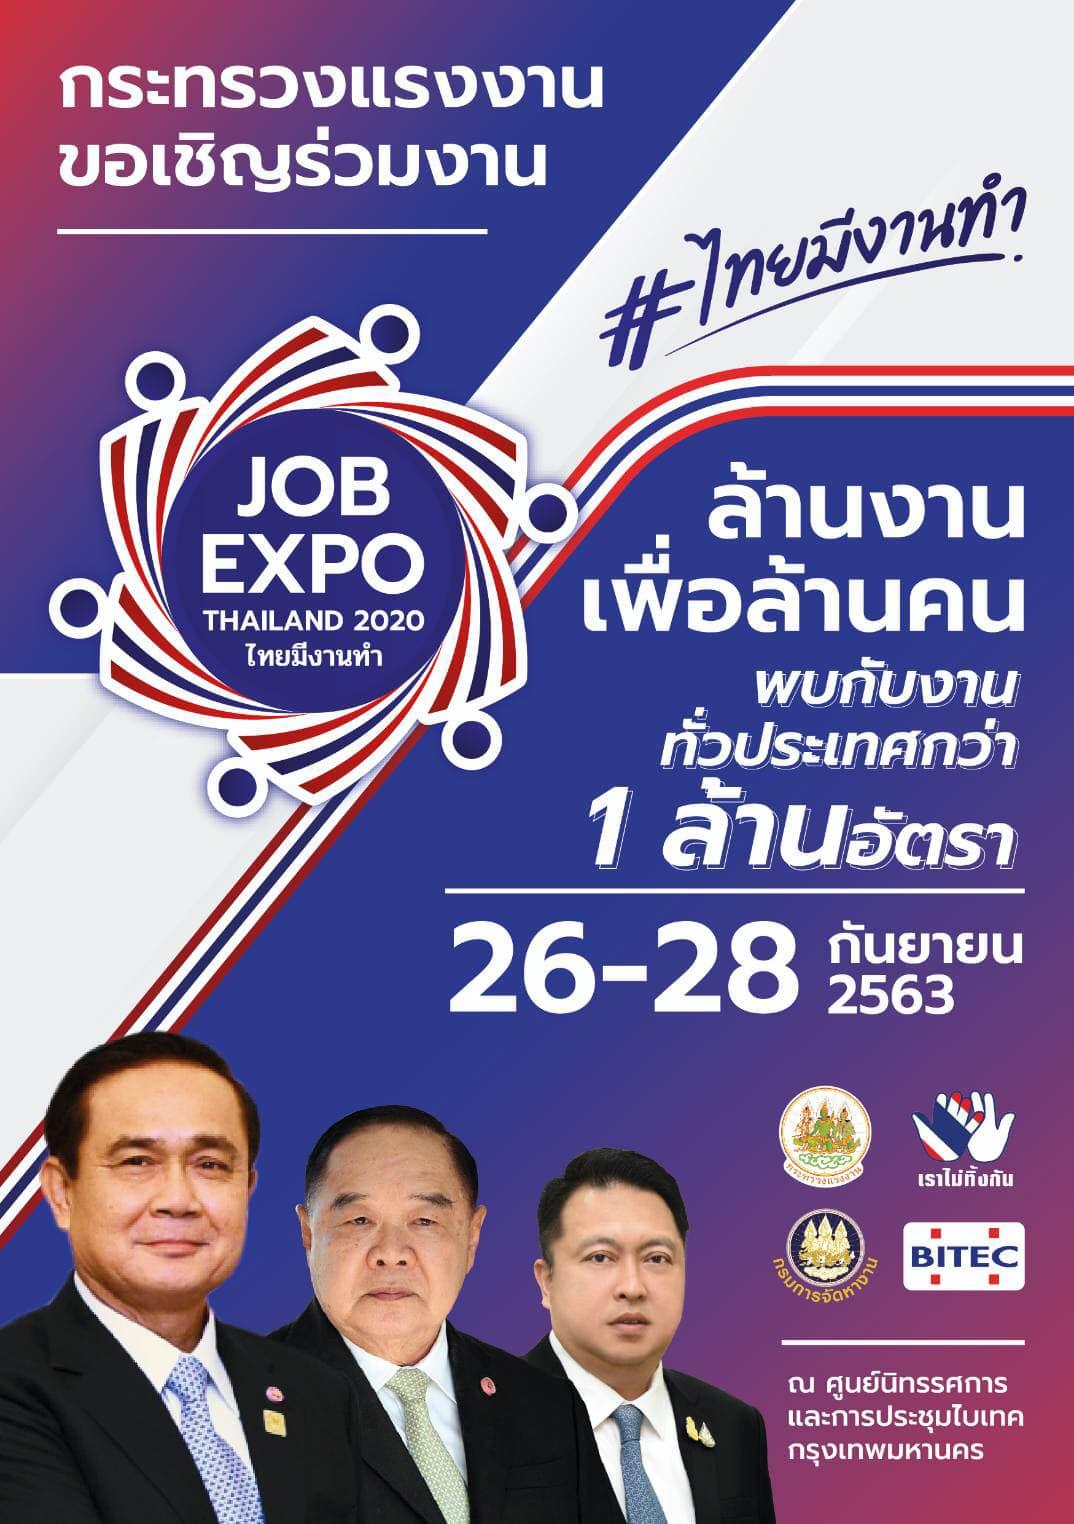 กระทรวงแรงงานขอเชิญร่วมงาน JOB EXPO THAILAND 2020 ไทยมีงานทำ ระหว่างวันที่ 26 – 28 กันยายน 2563 ณ ศูนย์นิทรรศการและการประชุมไบเทค กรุงเทพมหานคร